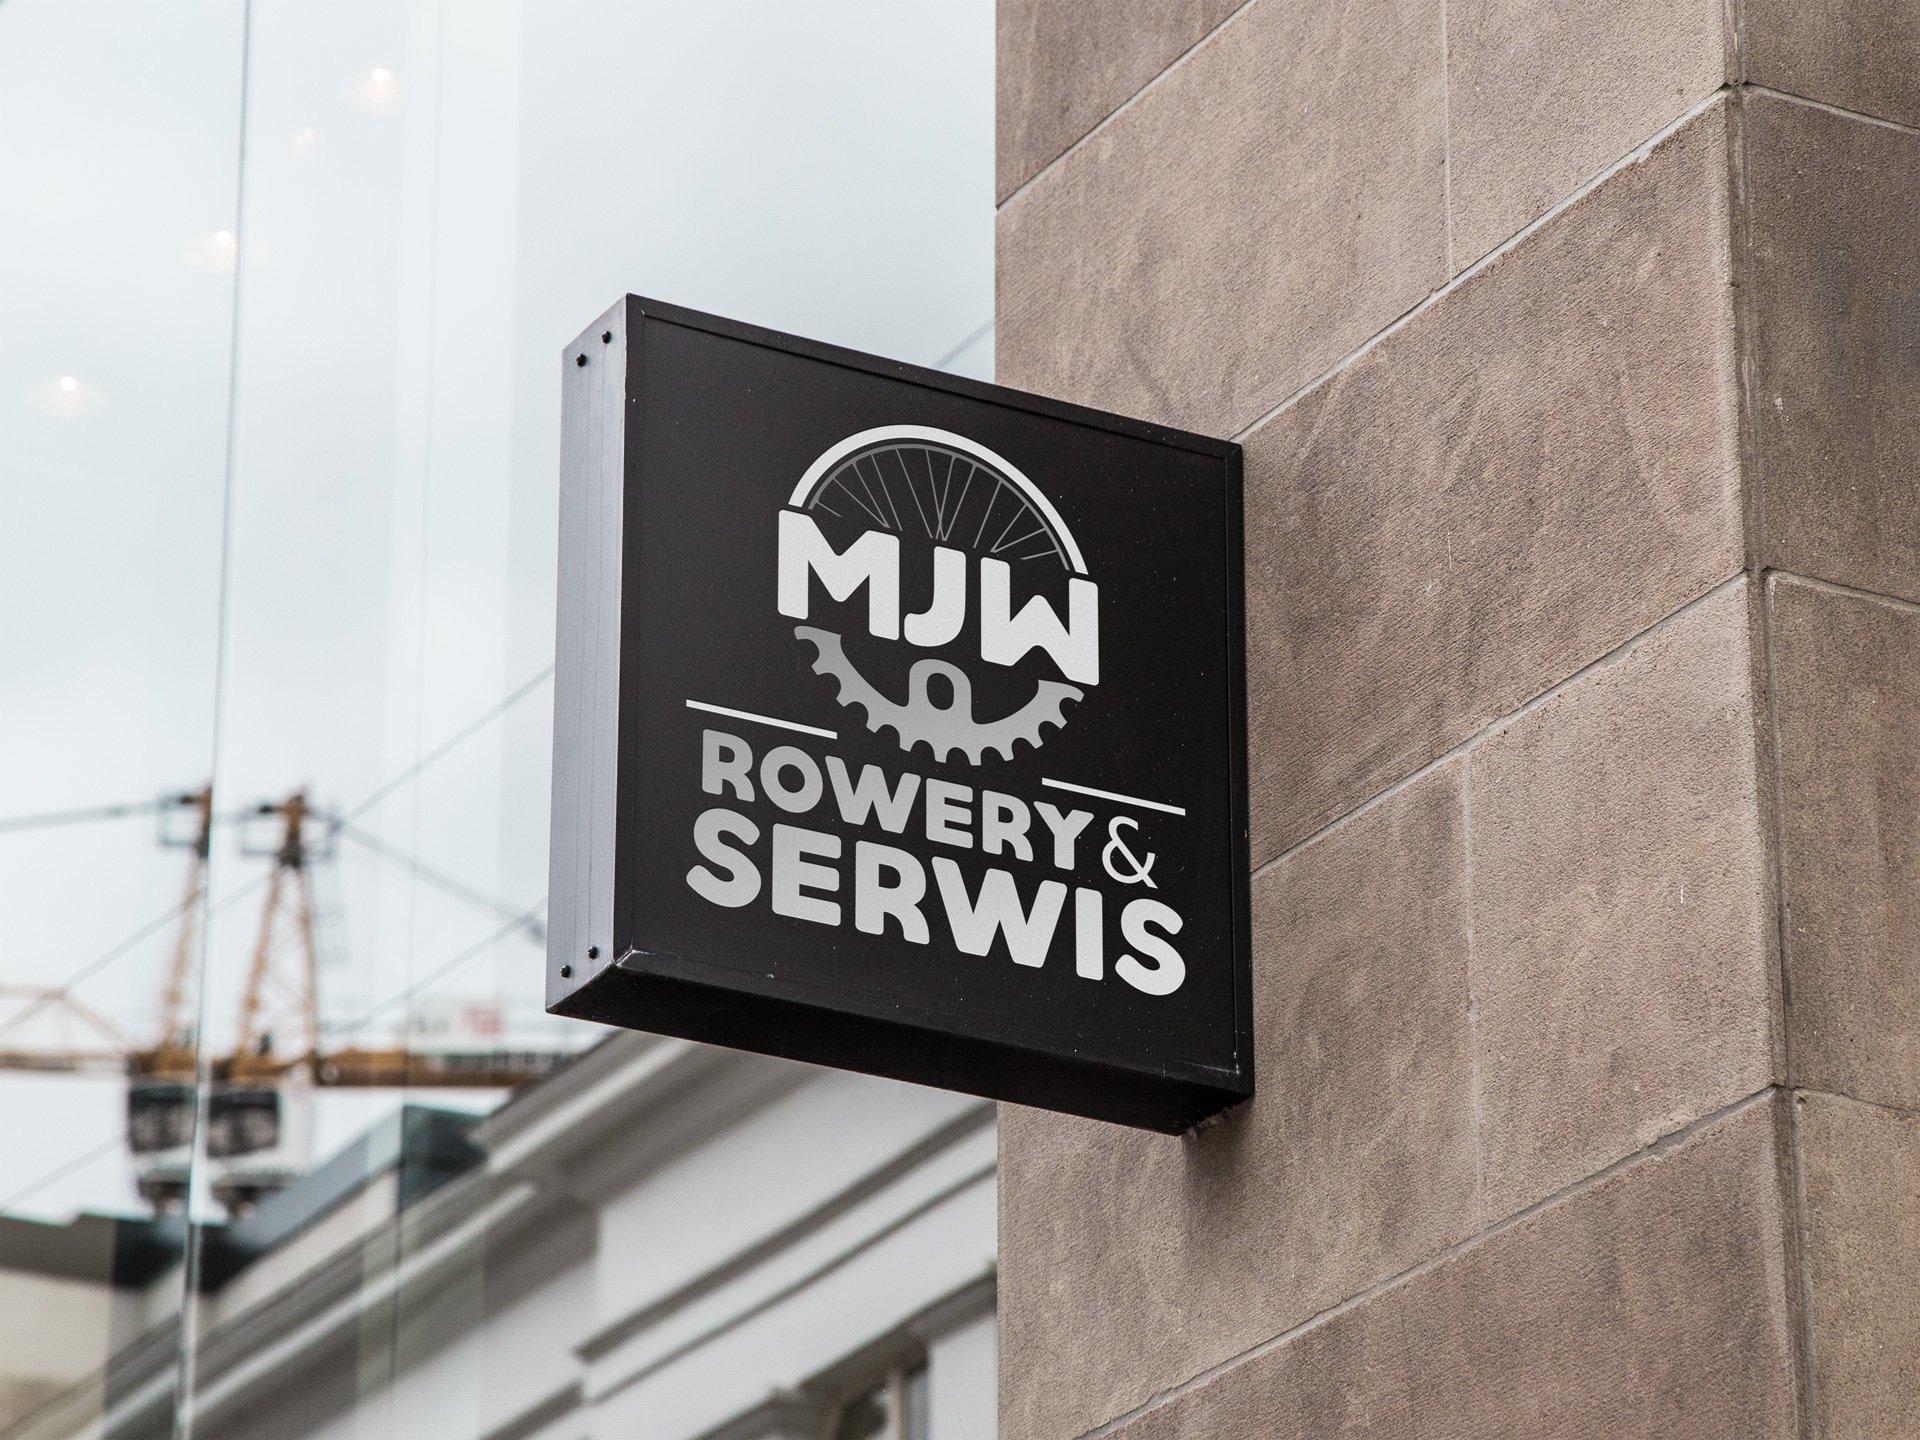 Wizualizacja kasetonu z logo firmy MJW Rowery&Serwis (by BBIG.PL)